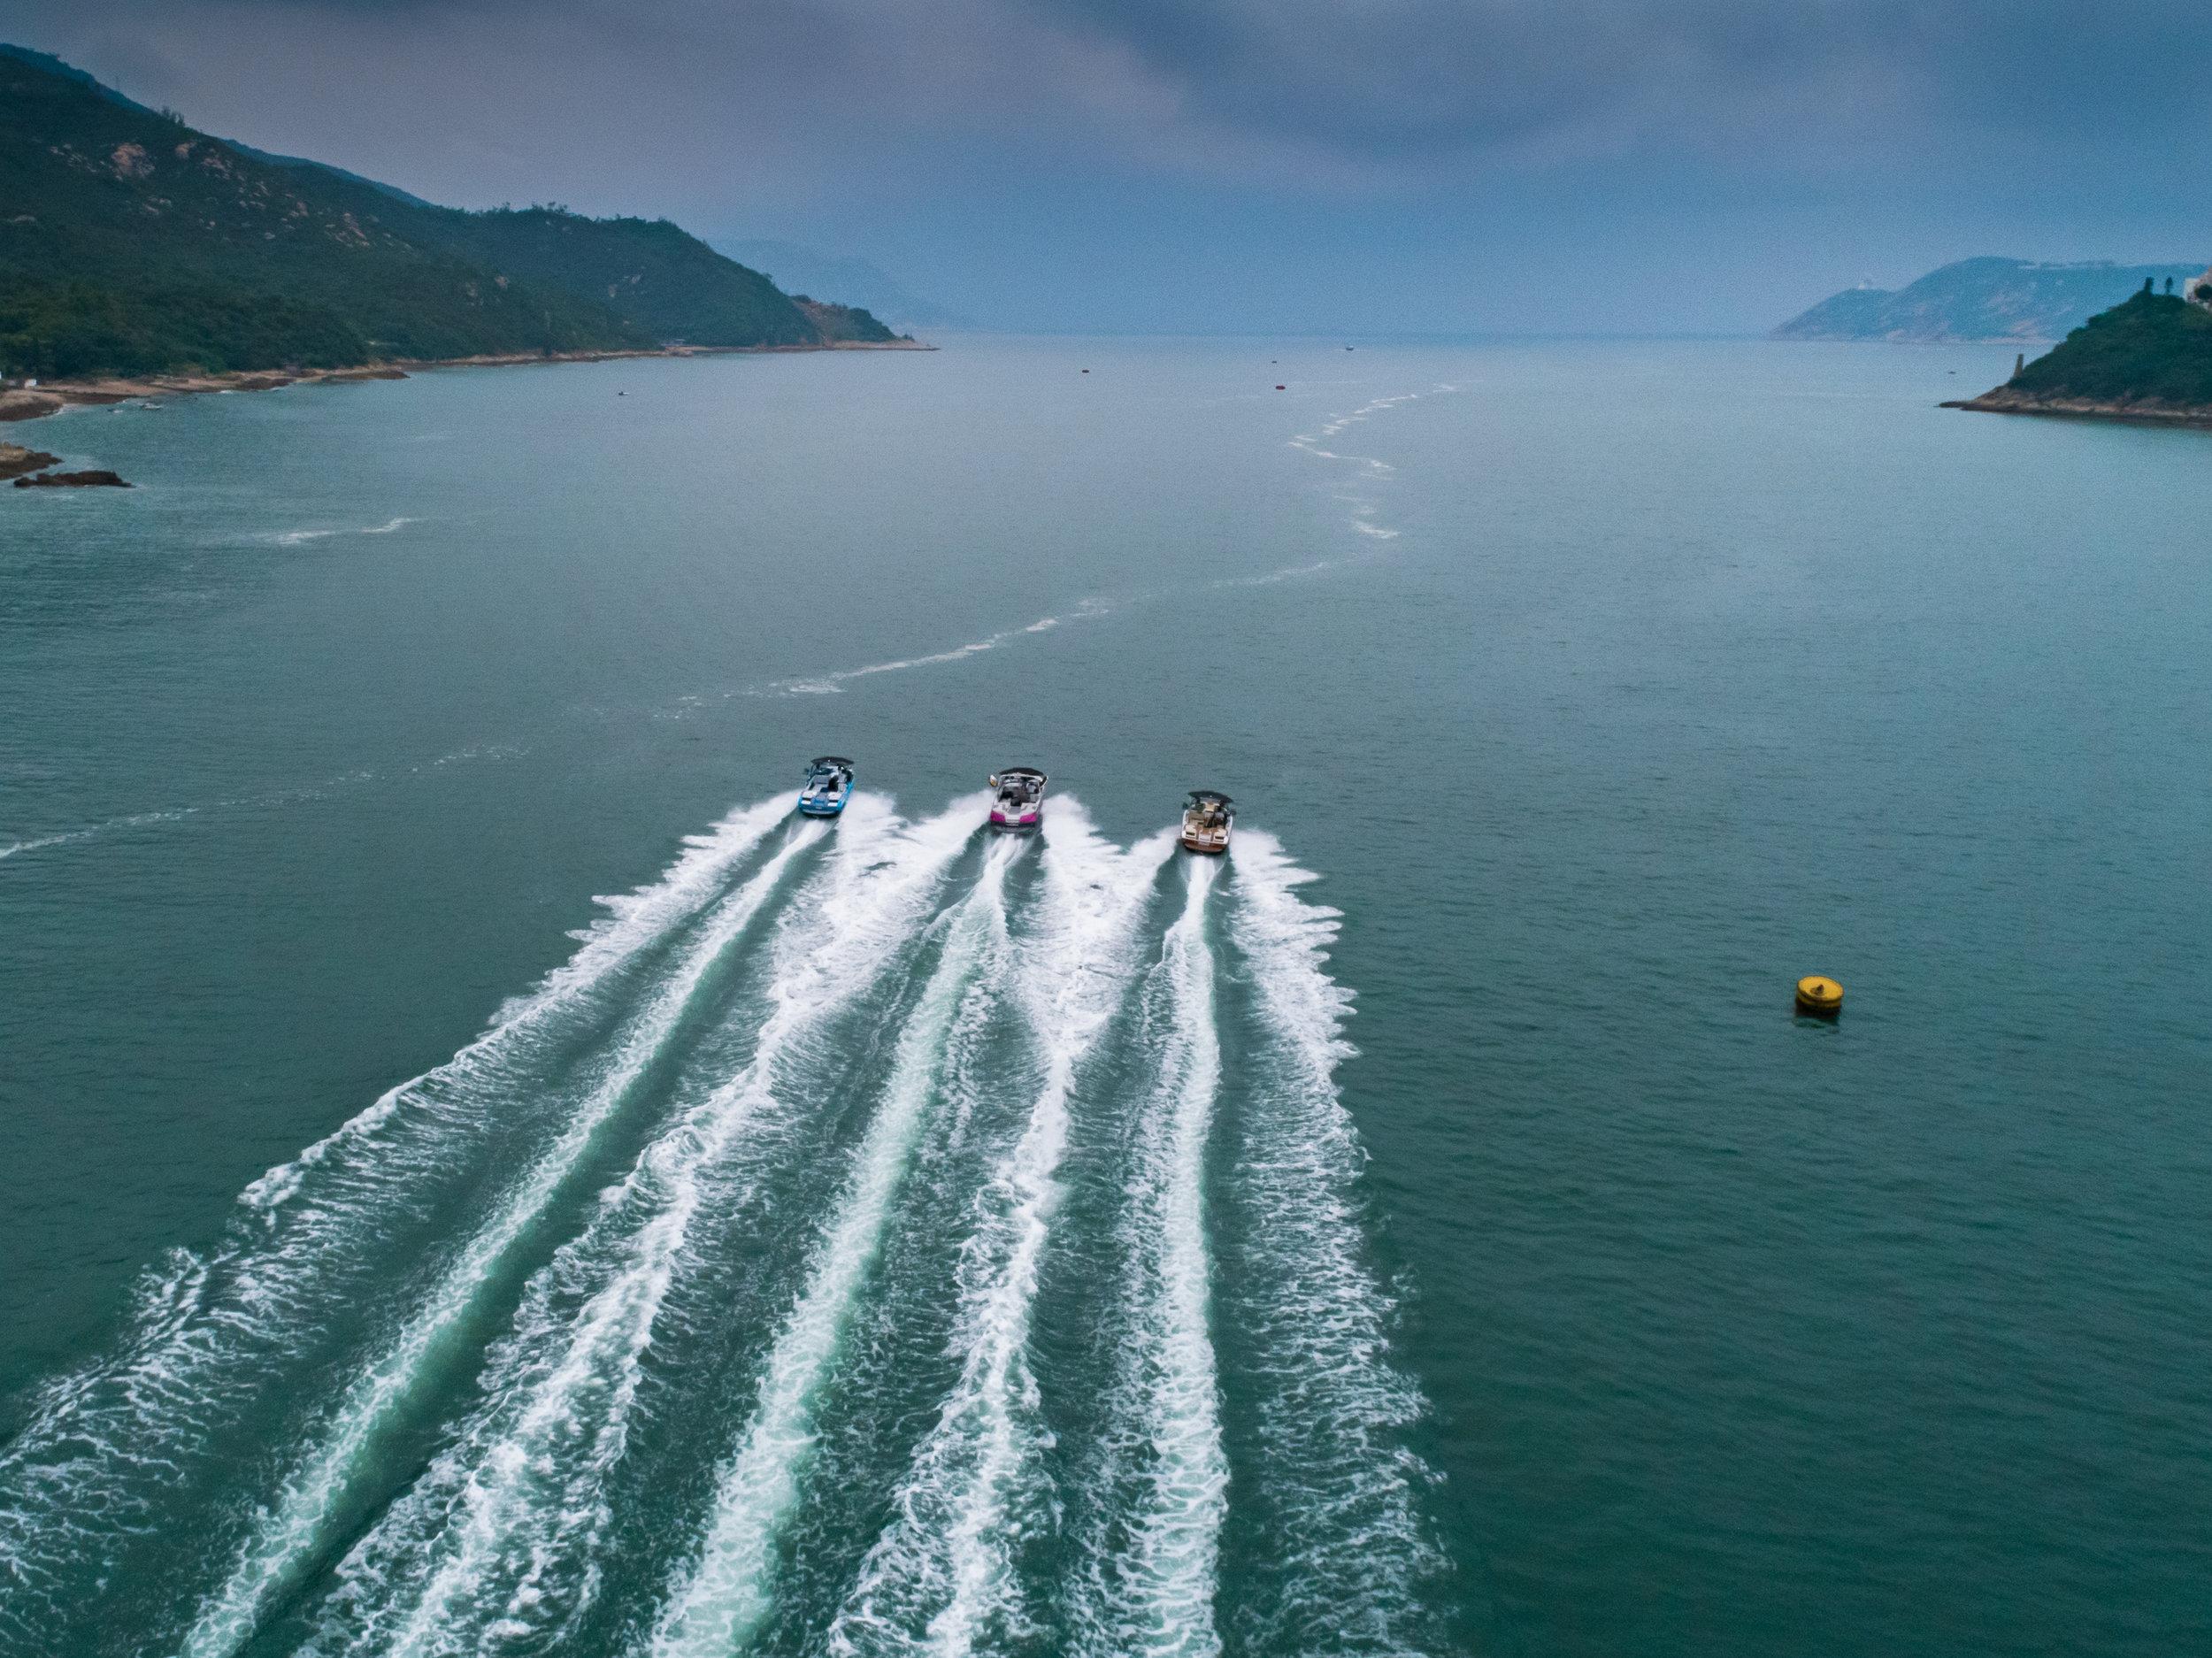 Asia Yachting, Hong Kong